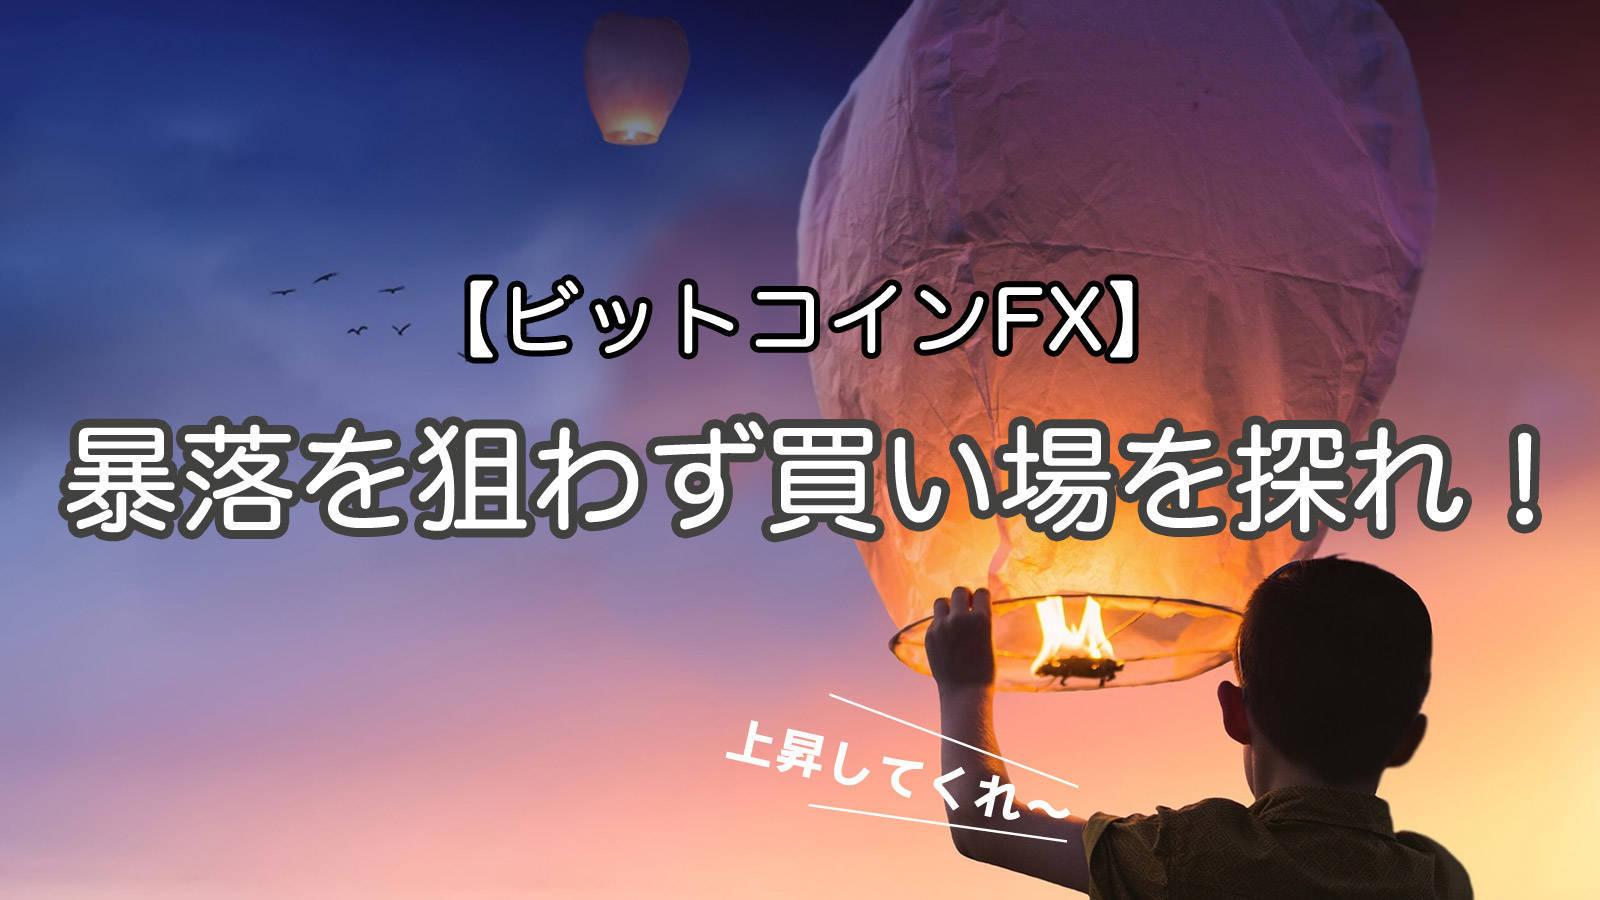 ビットコインFX|暴落を狙わず買い場を探れ!!